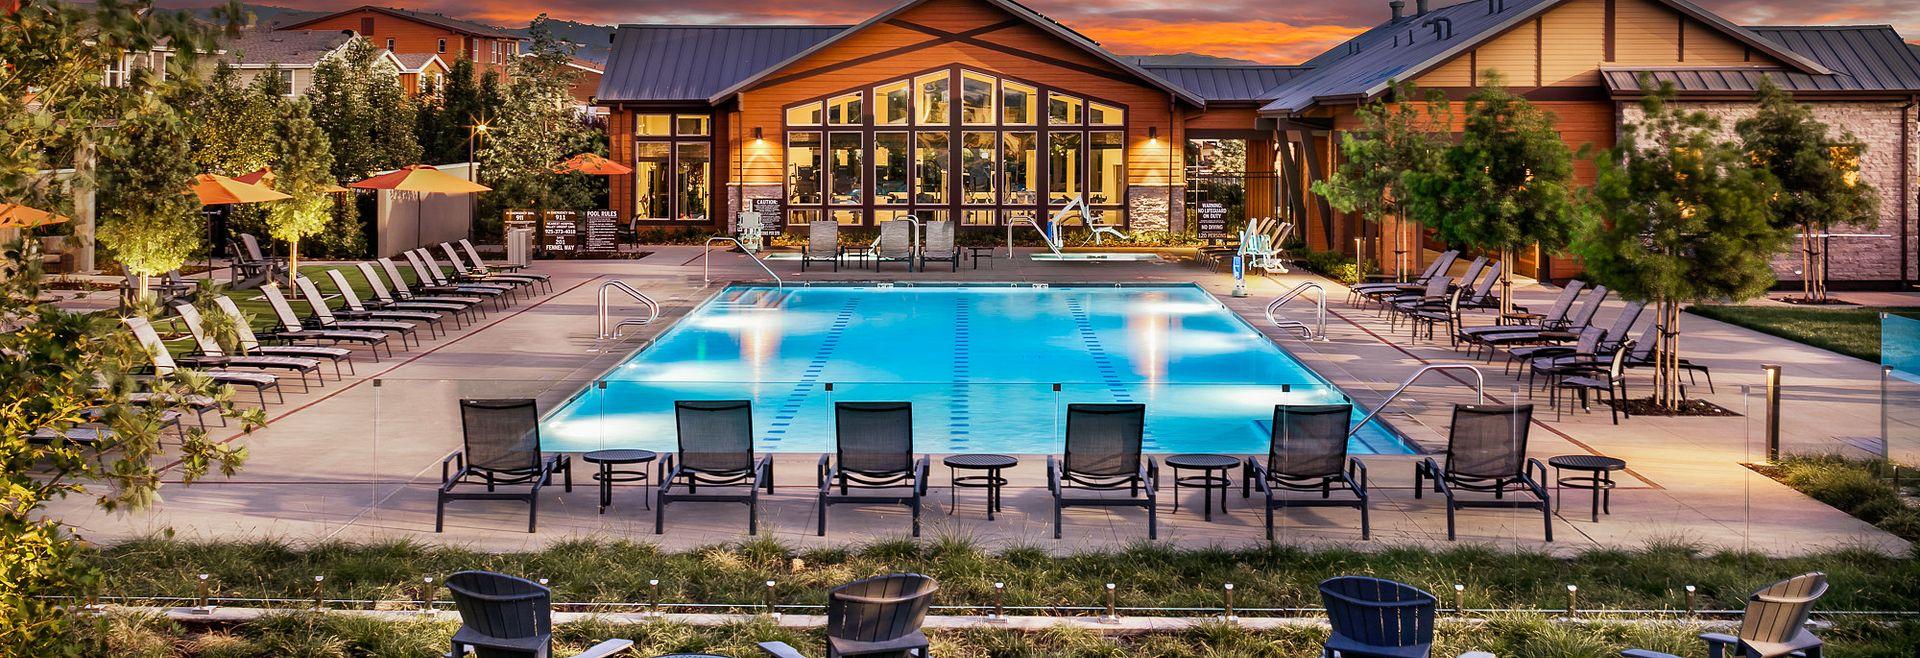 Sage Community Pool